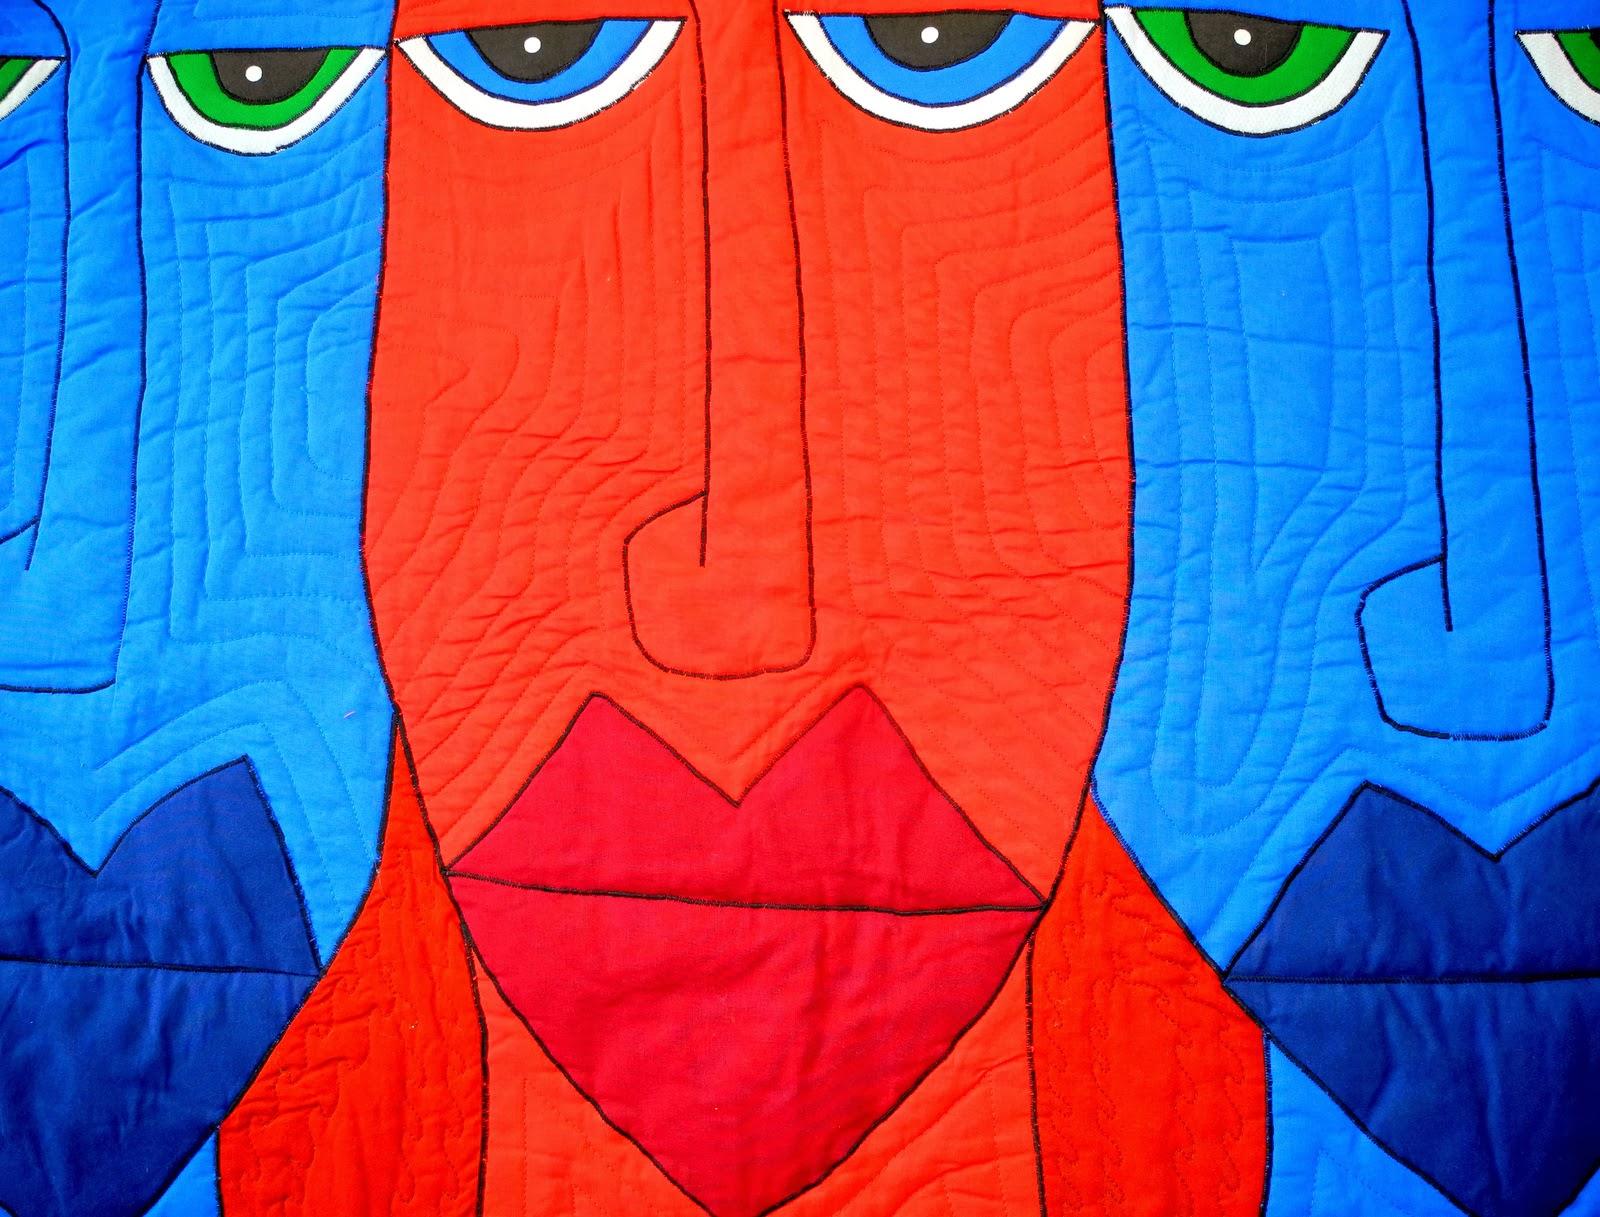 Куплю рукоделие Куплю ручную работу Куплю изделия ручной работы Куплю вещи ручной работы Лоскутное покрывало купить Пэчворк купить Куплю пэчворк Куплю покрывало пэчворк Одеяло пэчворк купить Покрывало Куплю пэчворк Пэчворк купить Купить лоскутное одеяло Куплю покрывало пэчворк Пэчворк подушка Лоскутная подушка Пэчворк панно Лоскутное панно Лоскутный пэчворк Шитье пэчворк Рукоделие пэч- ворк Плед